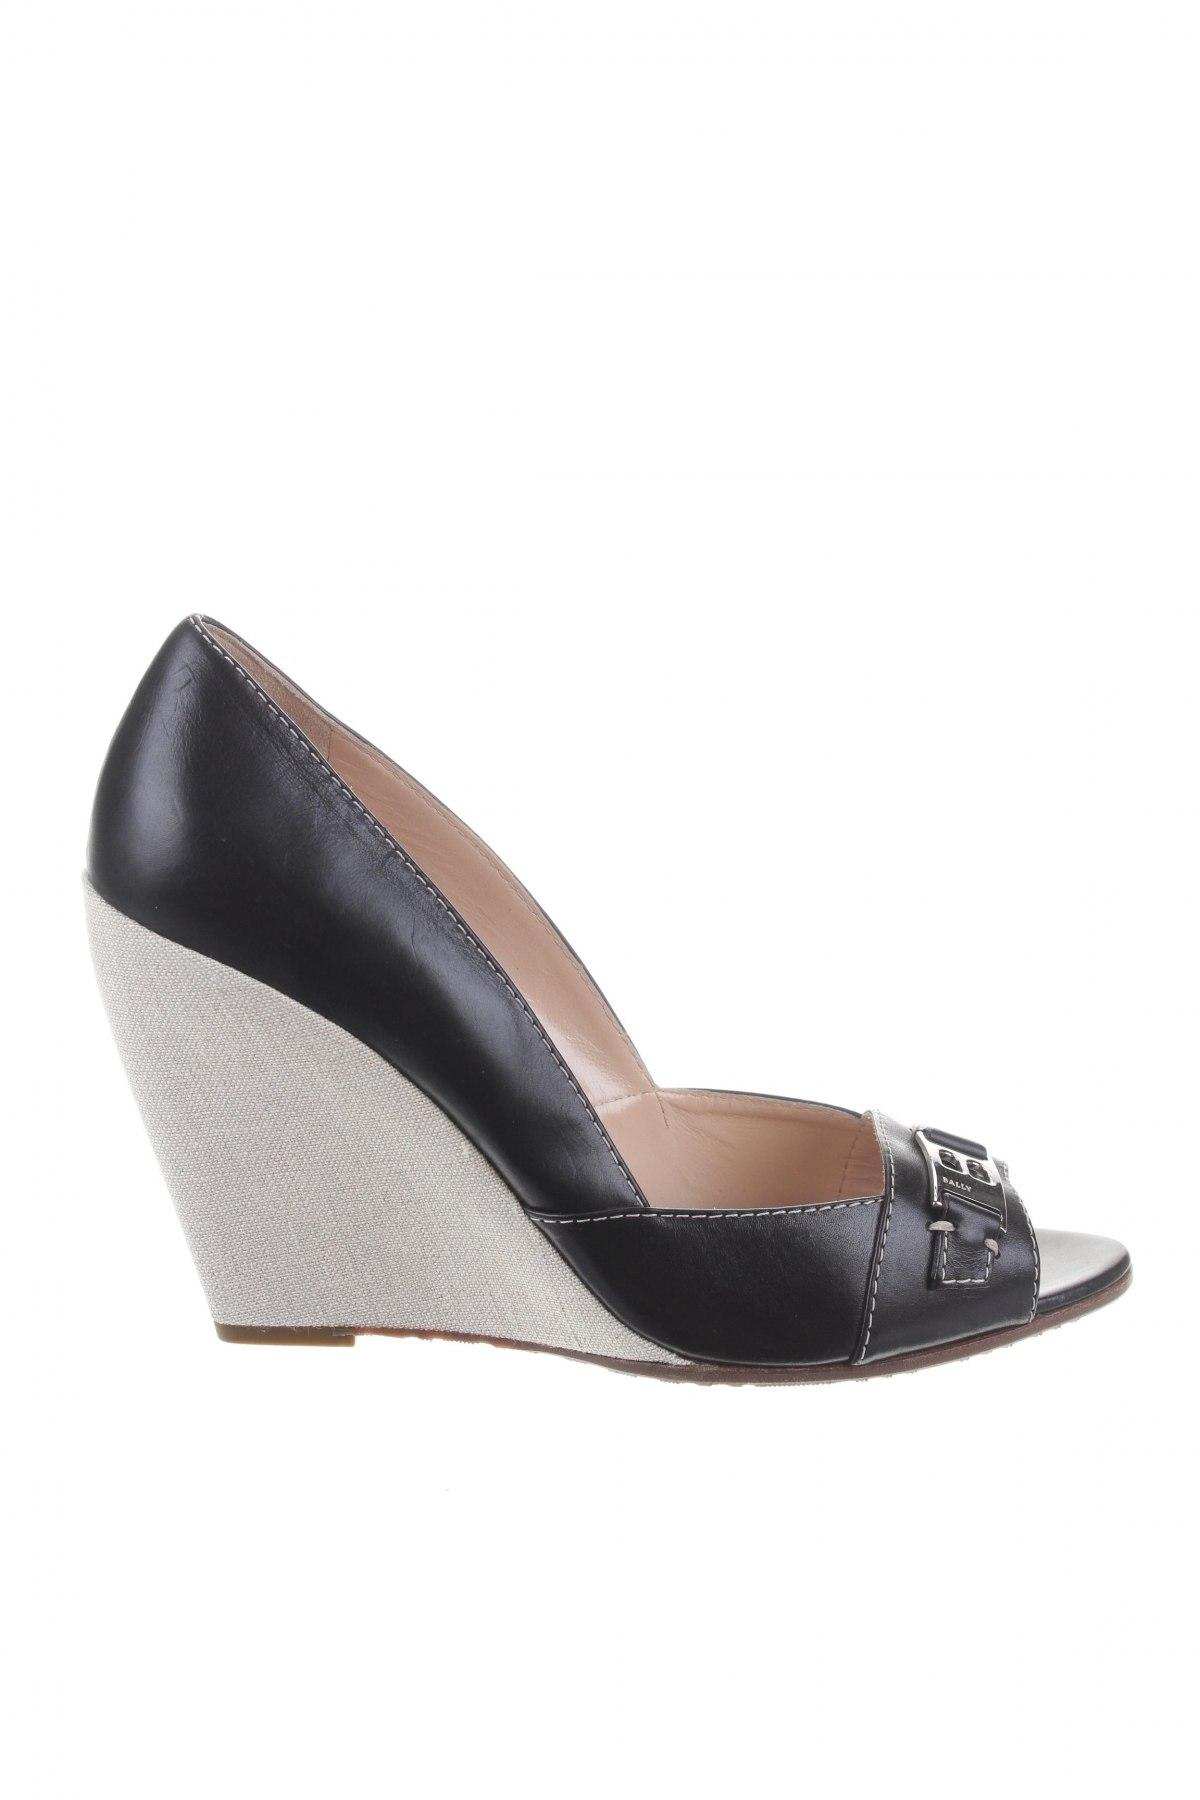 9430230b4e0 Γυναικεία παπούτσια Bally - σε συμφέρουσα τιμή στο Remix - #100650780